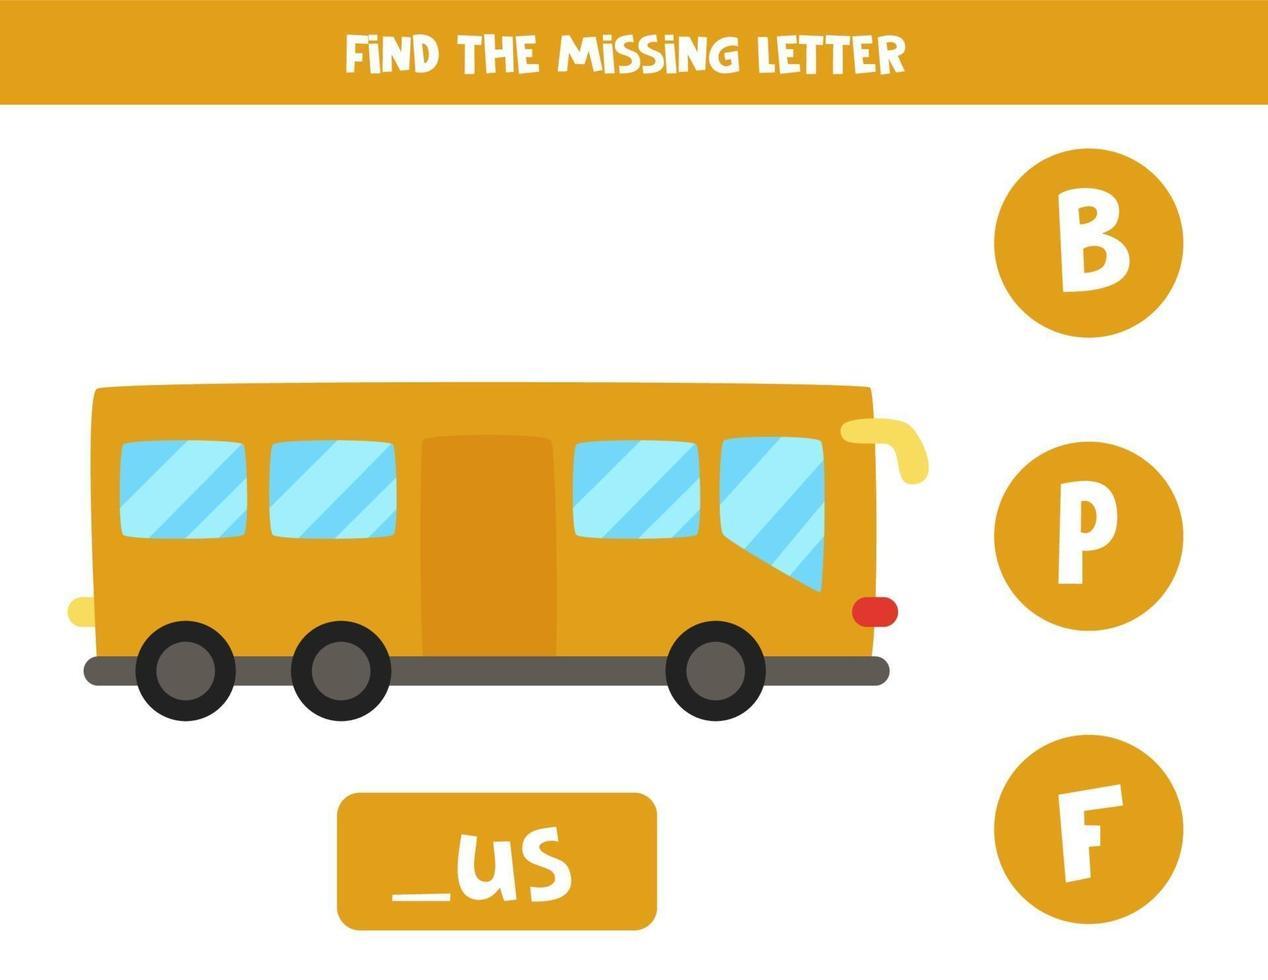 encontrar carta perdida com ônibus de desenho animado. planilha de ortografia. vetor